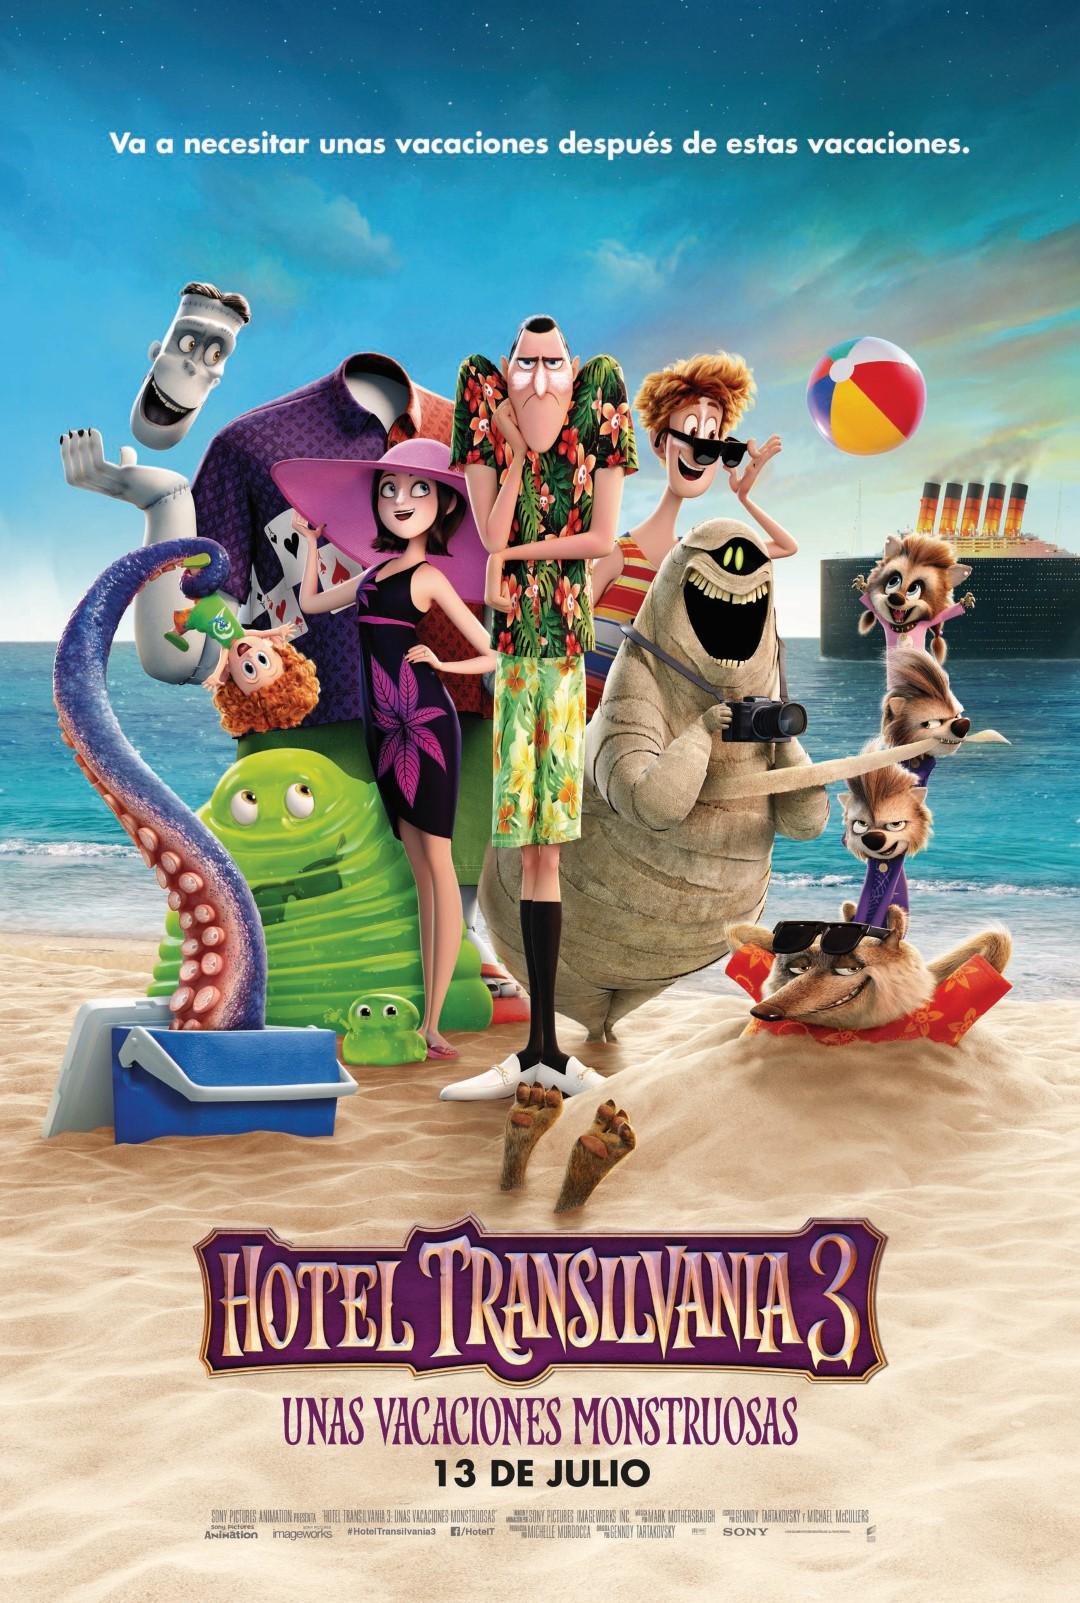 'Hotel Transilvania 3. Unas vacaciones monstruosas': Nuevo y vacacional póster